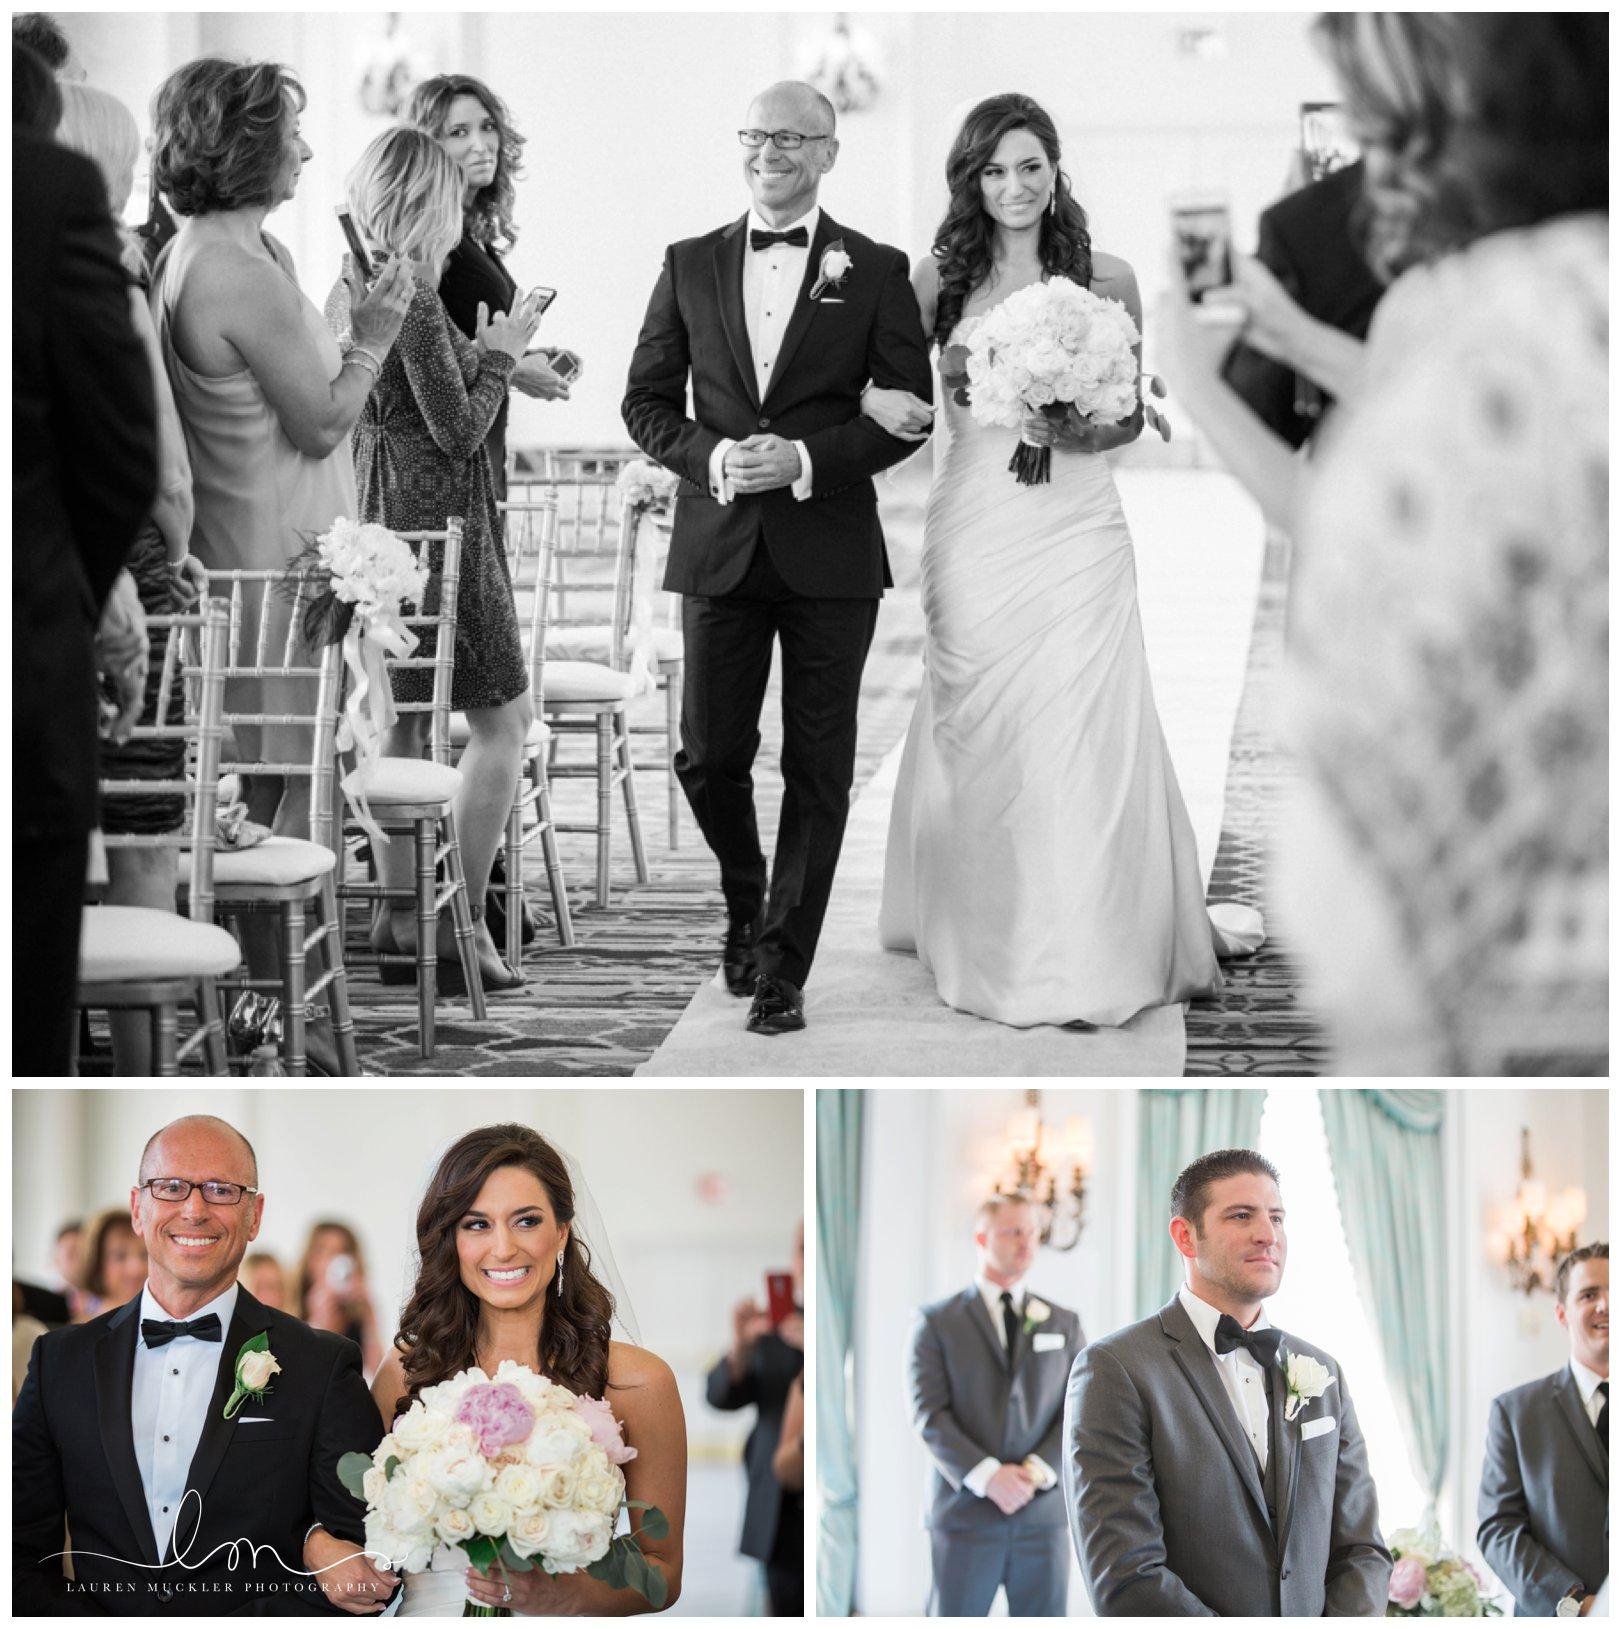 lauren muckler photography_fine art film wedding photography_st louis_photography_0259.jpg